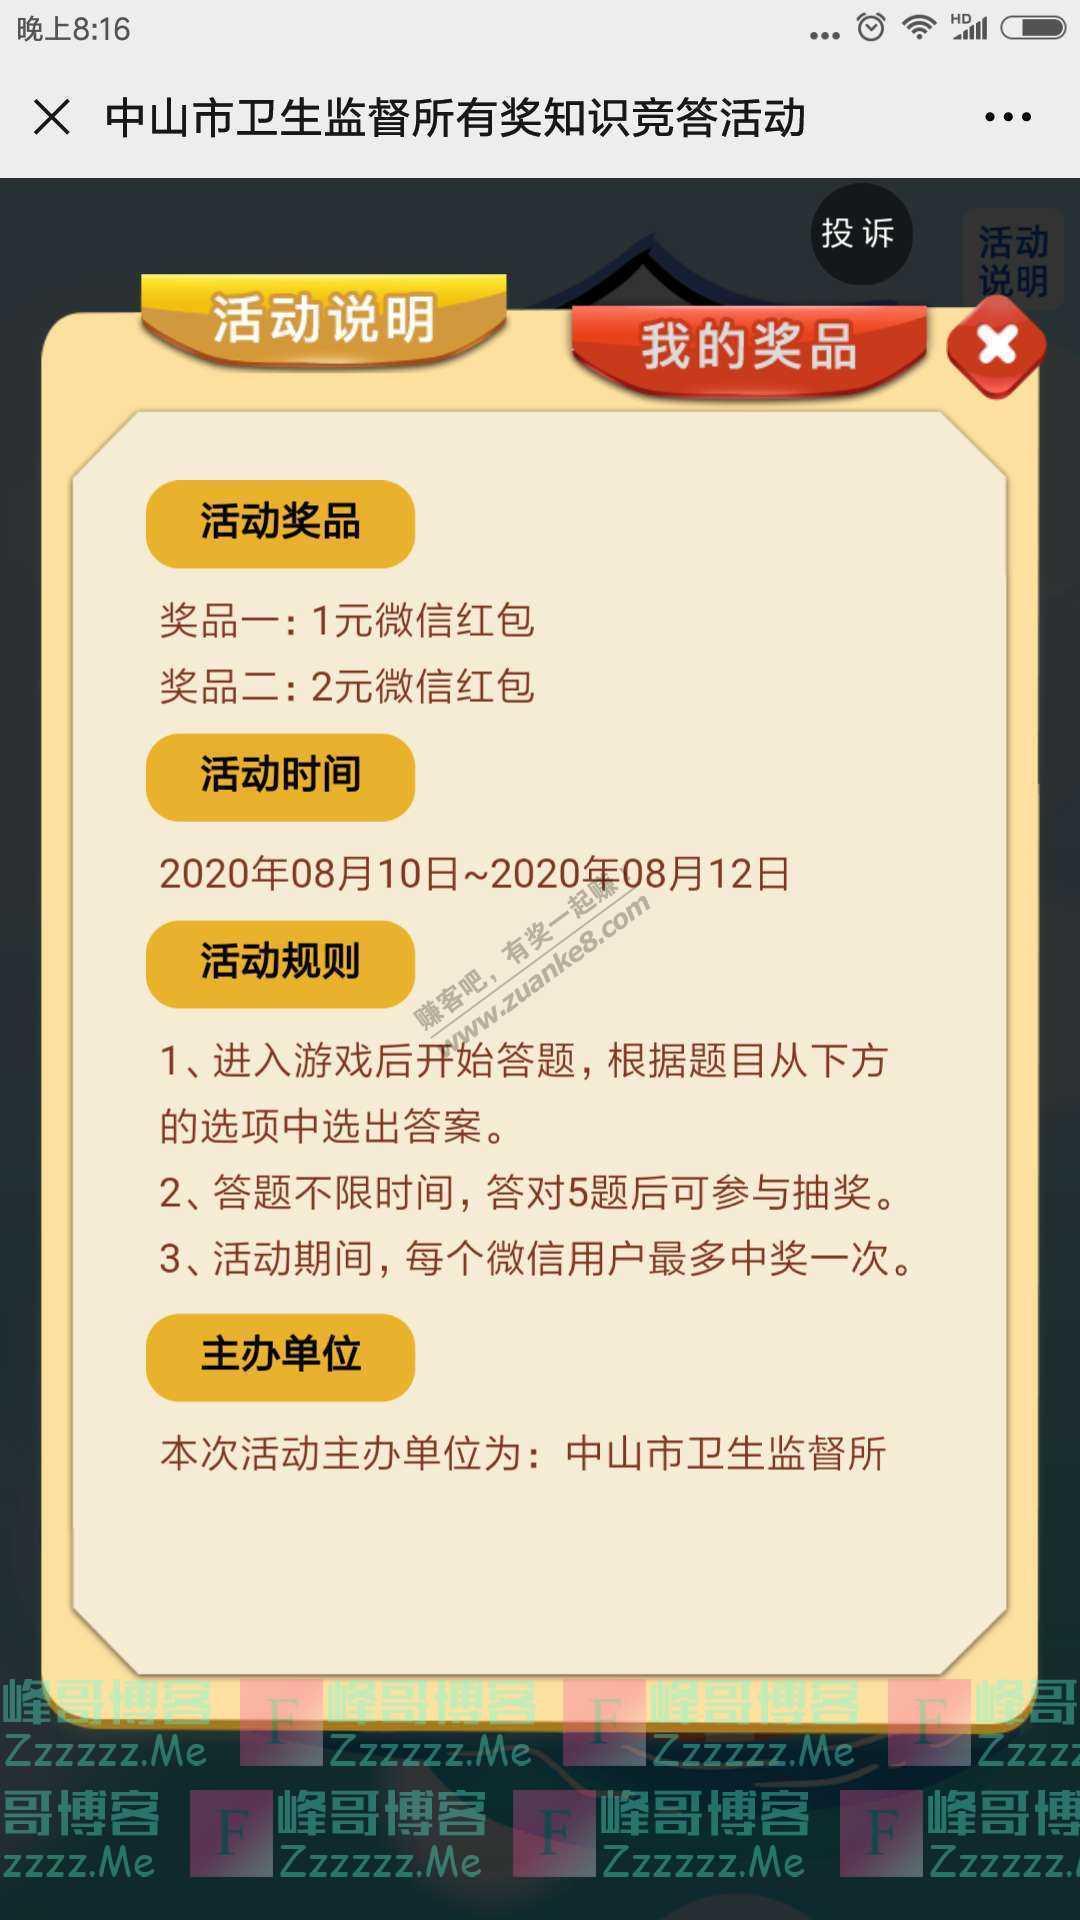 中山市卫生健康局游泳安全知识有奖问答活动(截止8月12日)